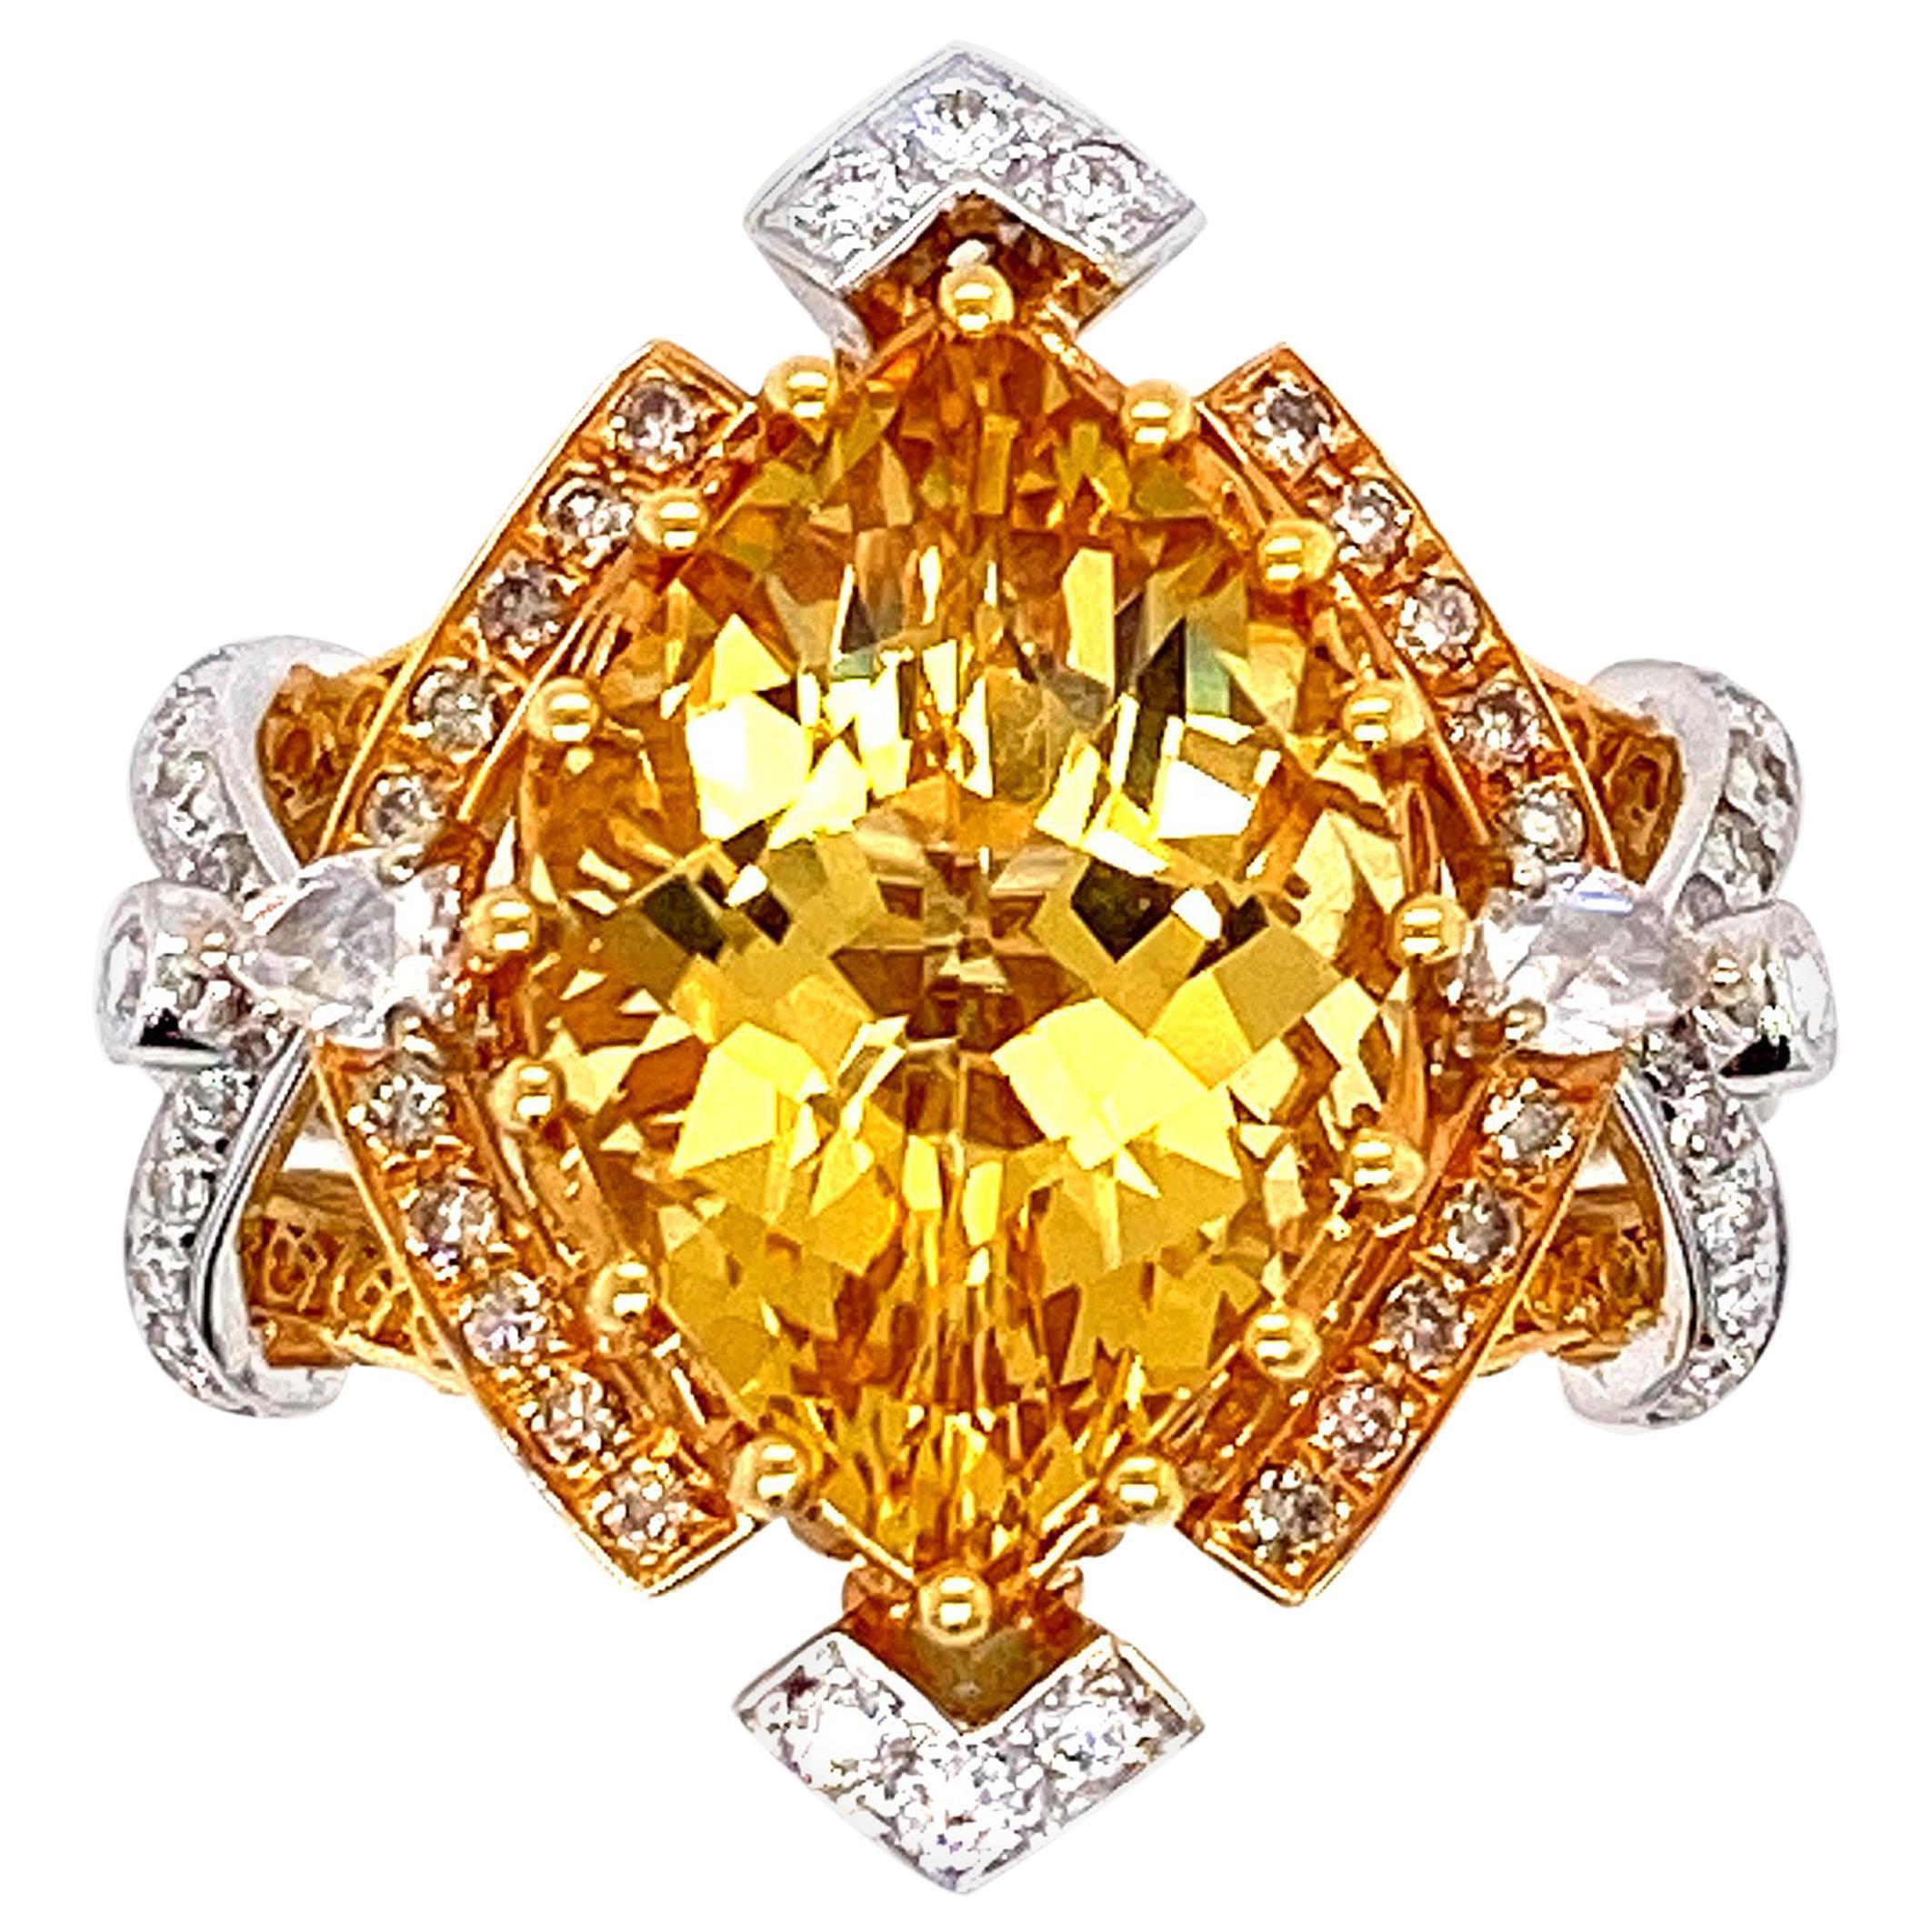 IGI Certified 5.25 Carat Yellow Beryl Engagement Ring in 18 Karat Gold